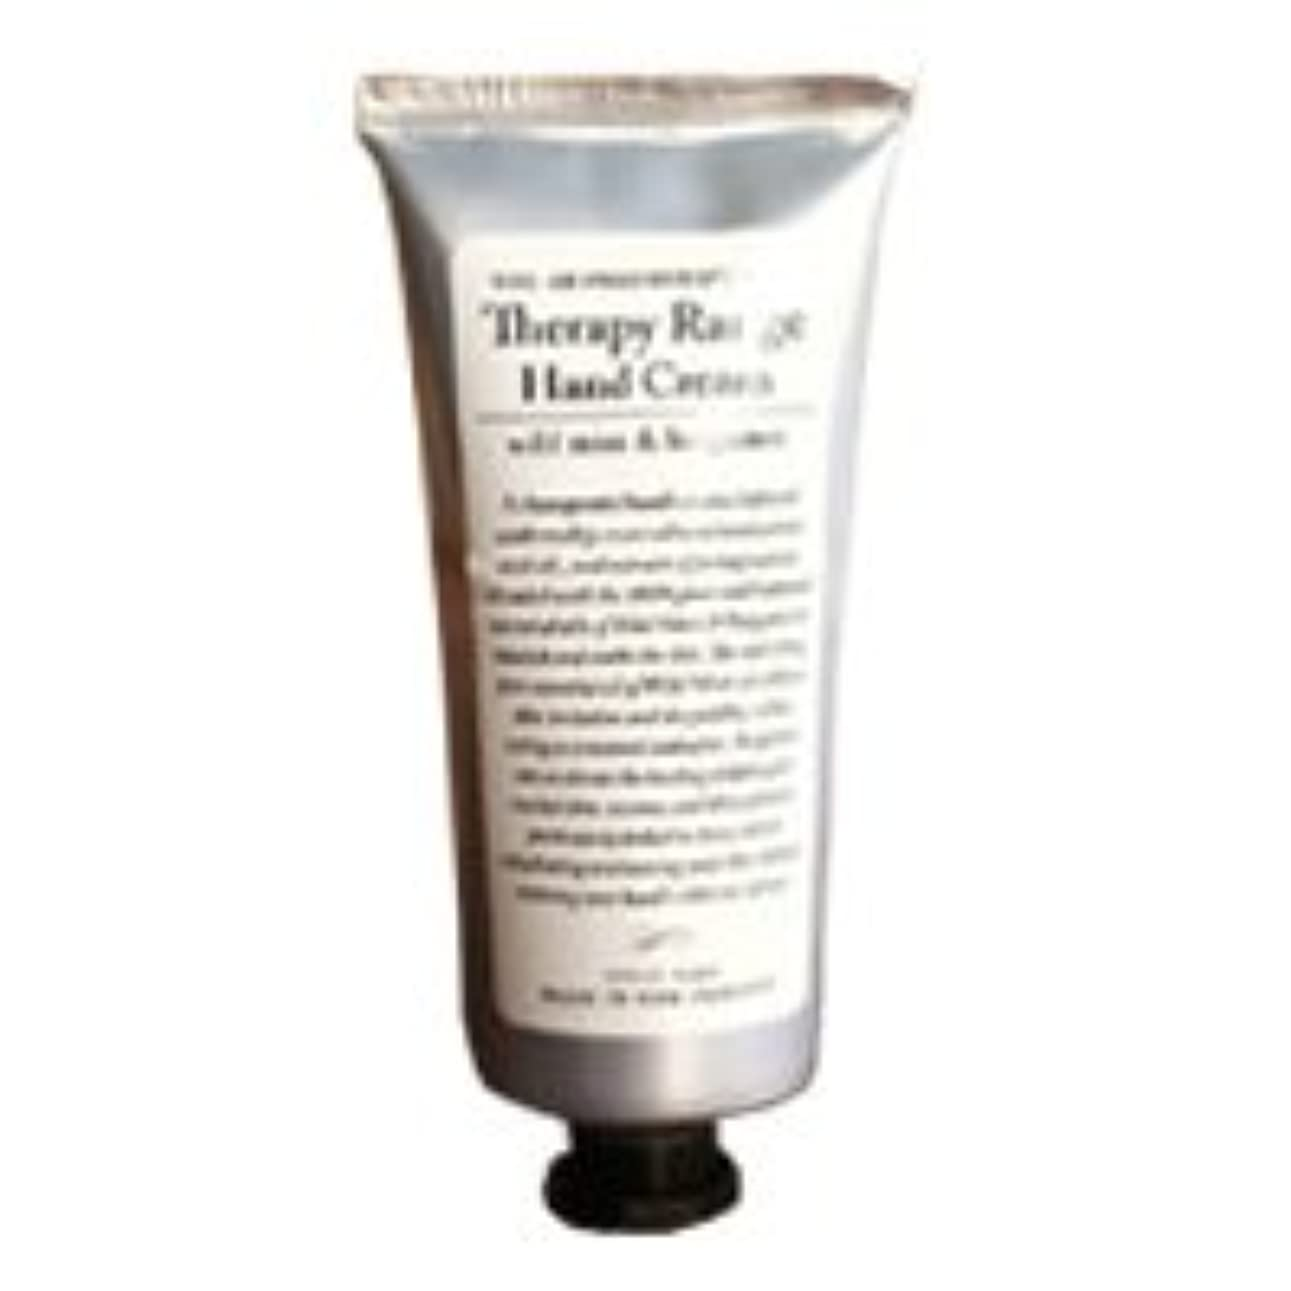 ショップ復活させる自由Therapy Range(セラピーレンジ) Nourishiing Hand Cream ハンドクリーム ワンサイズ ワイルドミント&ベルガモット